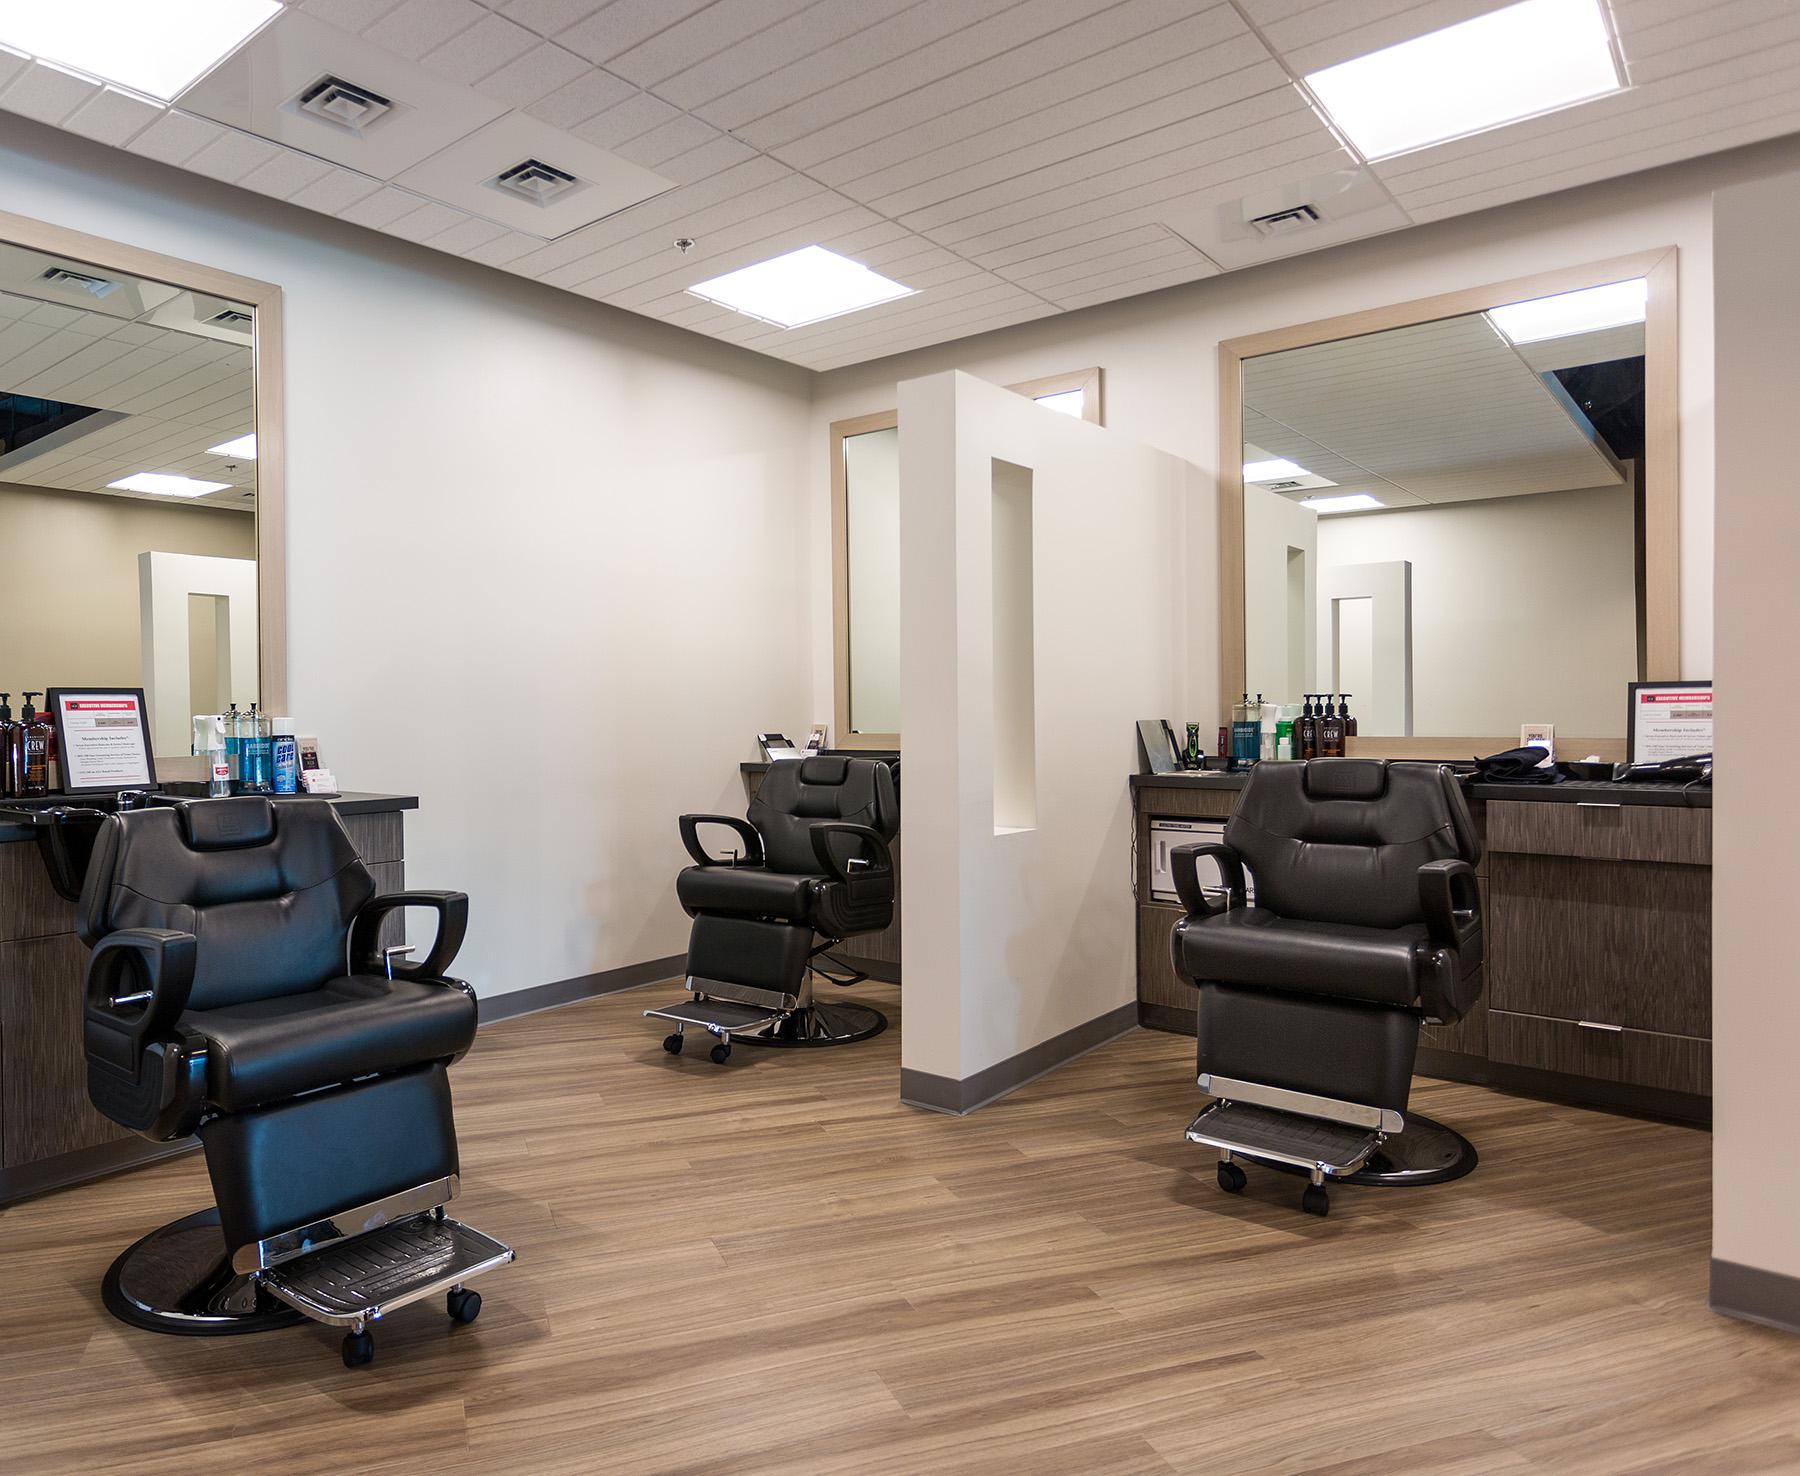 18-8 Salon - Commercial